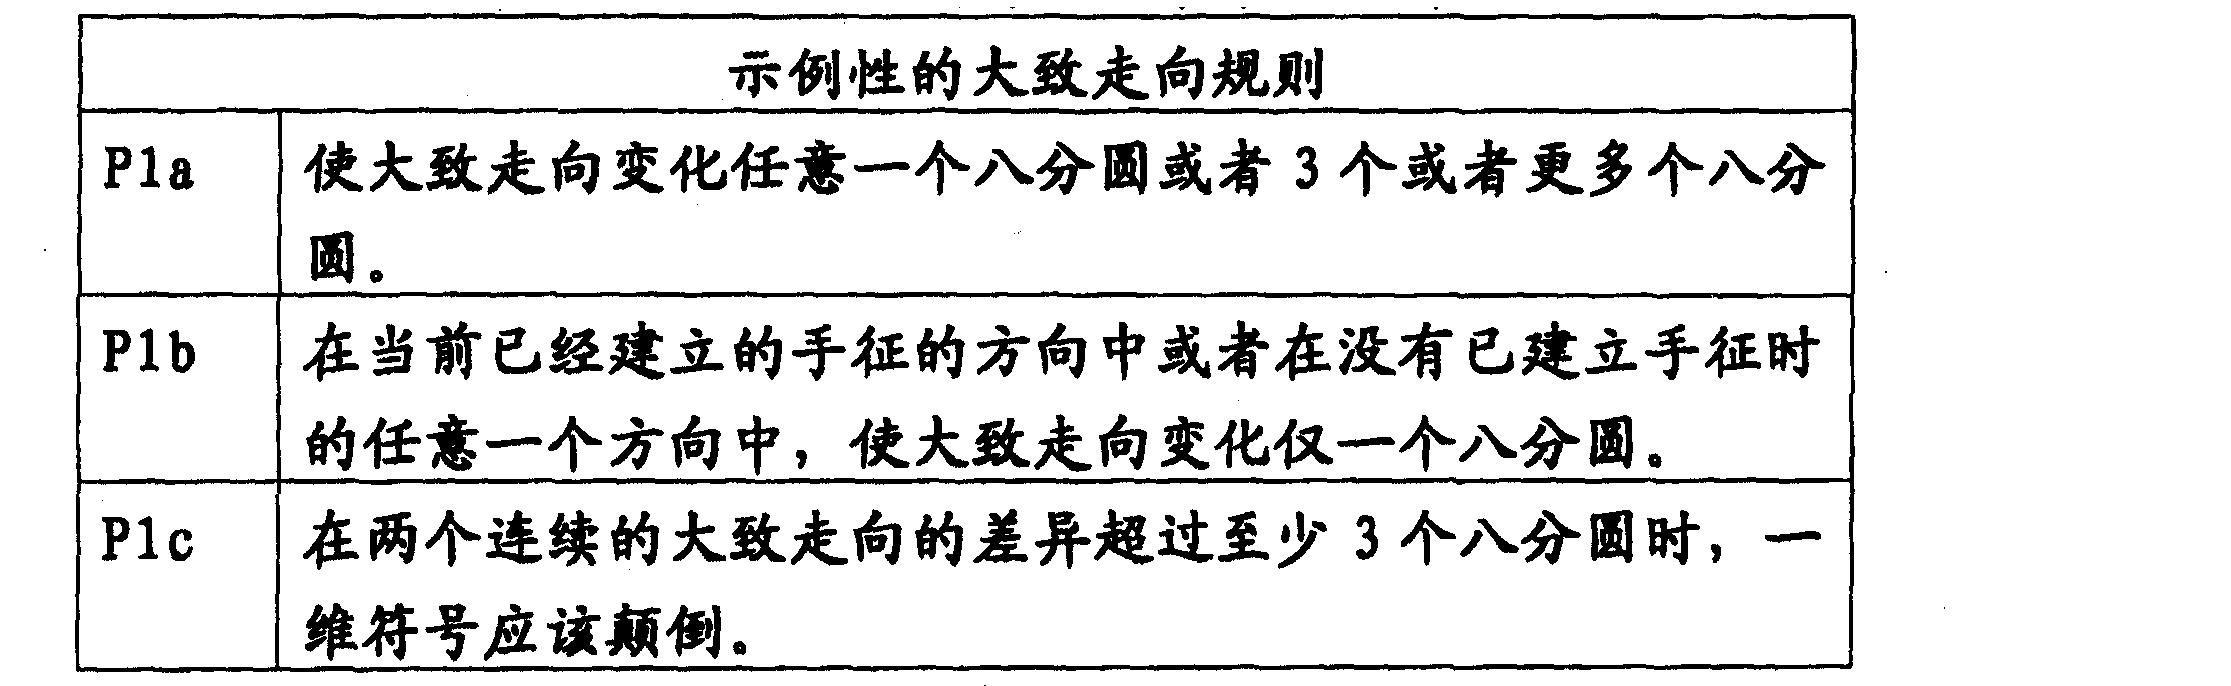 Figure CN101390034BD00201